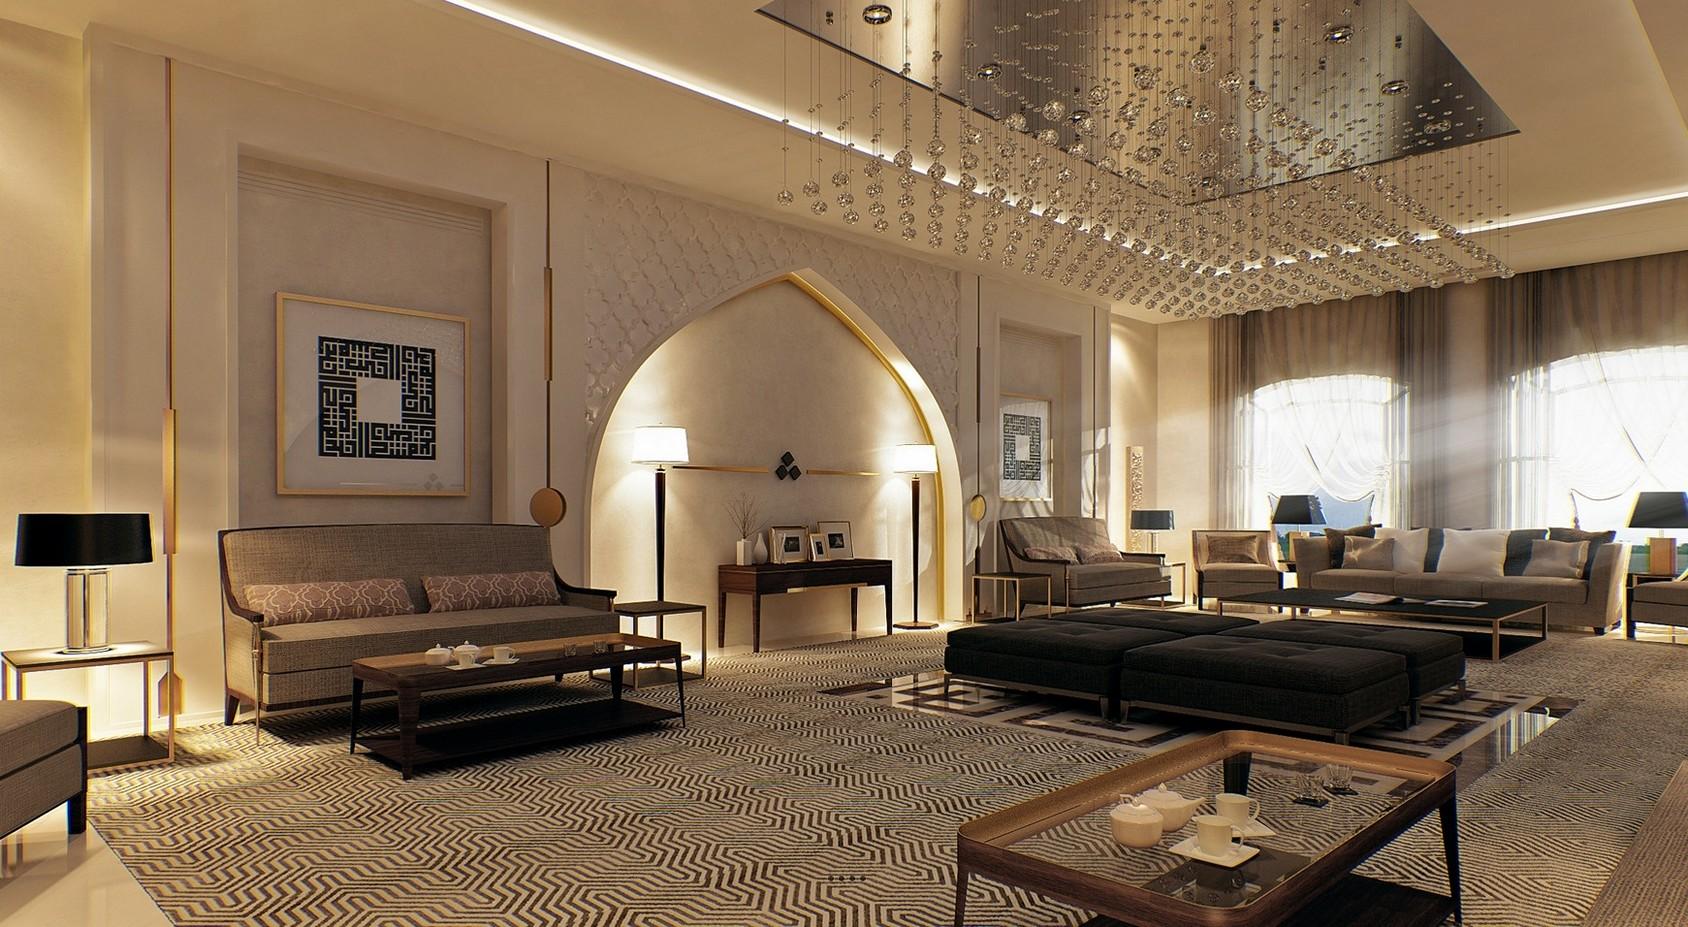 Impressive Middle Eastern Living Room Furniture - ACNN DECOR